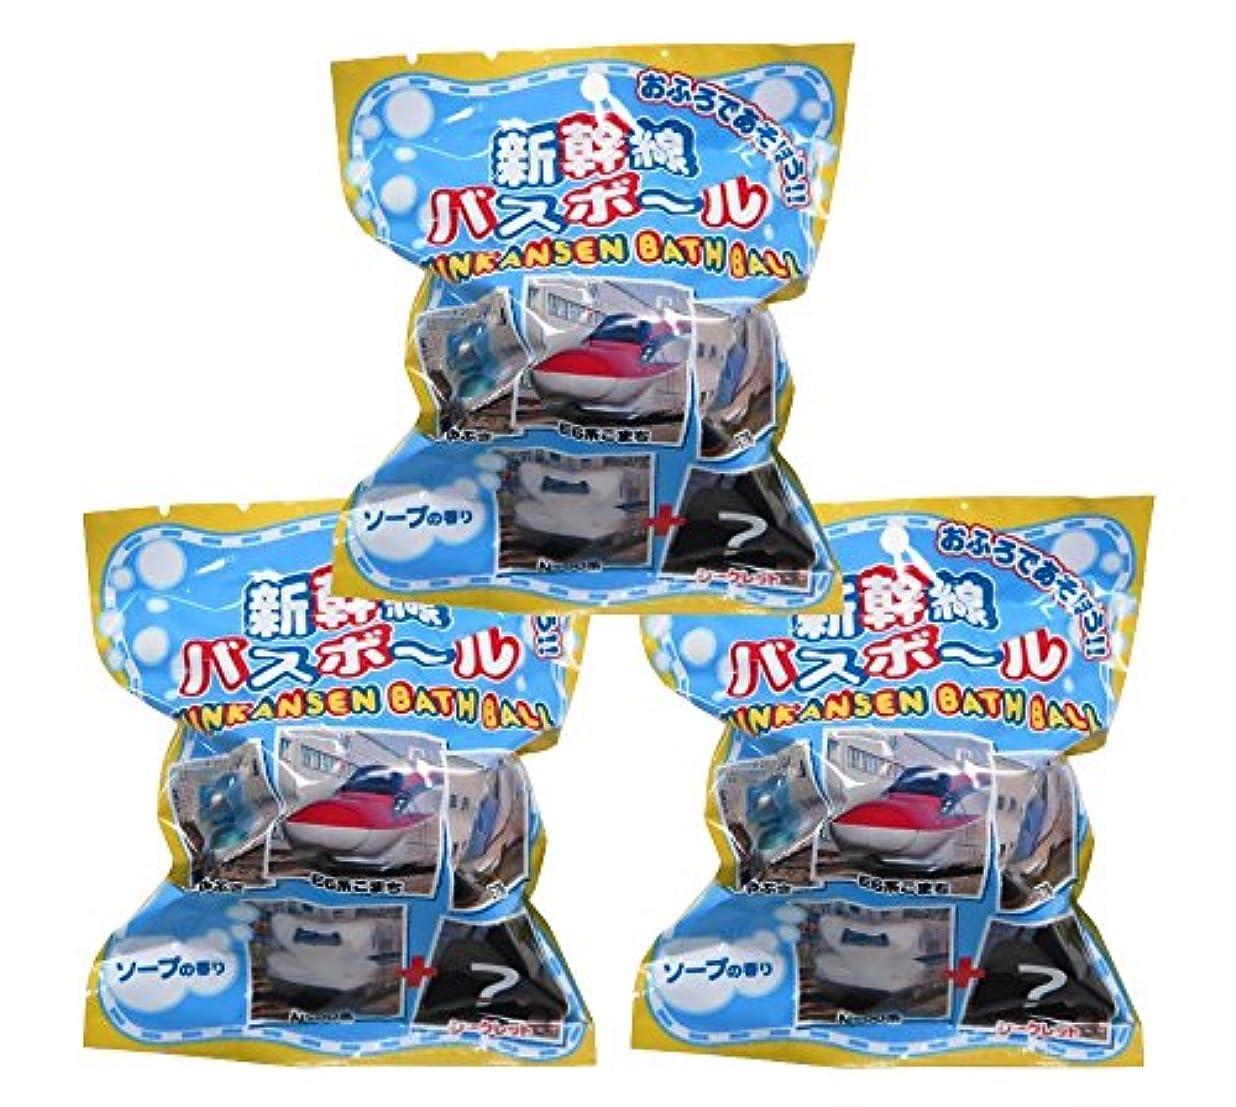 育成パーセントと組むJR新幹線 入浴剤 マスコットが飛び出るバスボール 3個セット